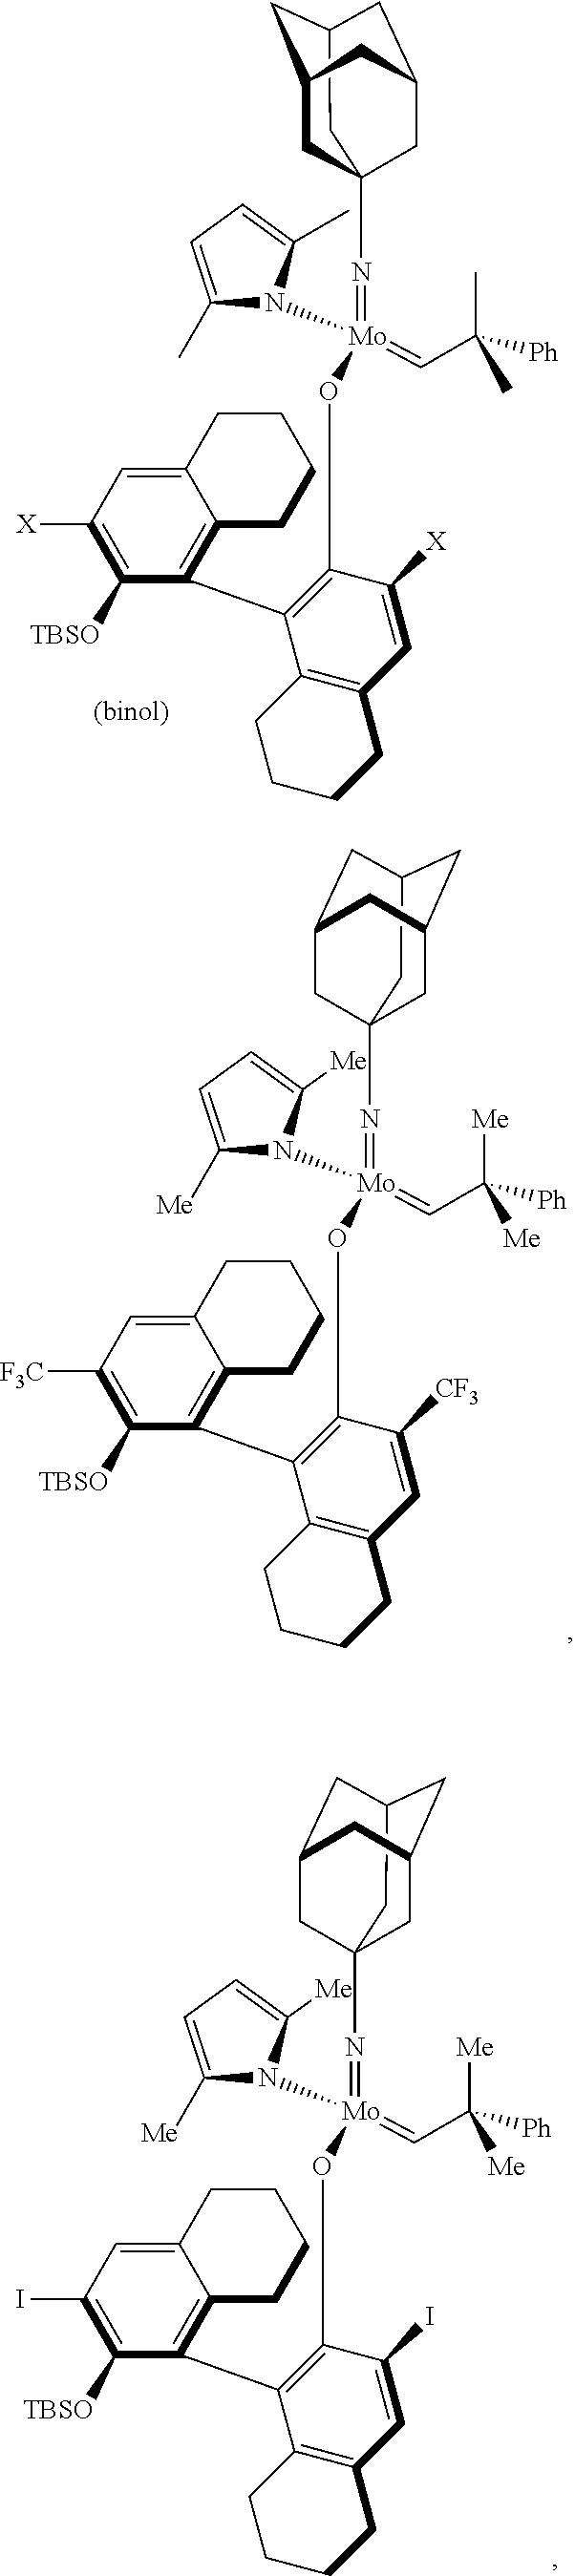 Figure US09446394-20160920-C00151